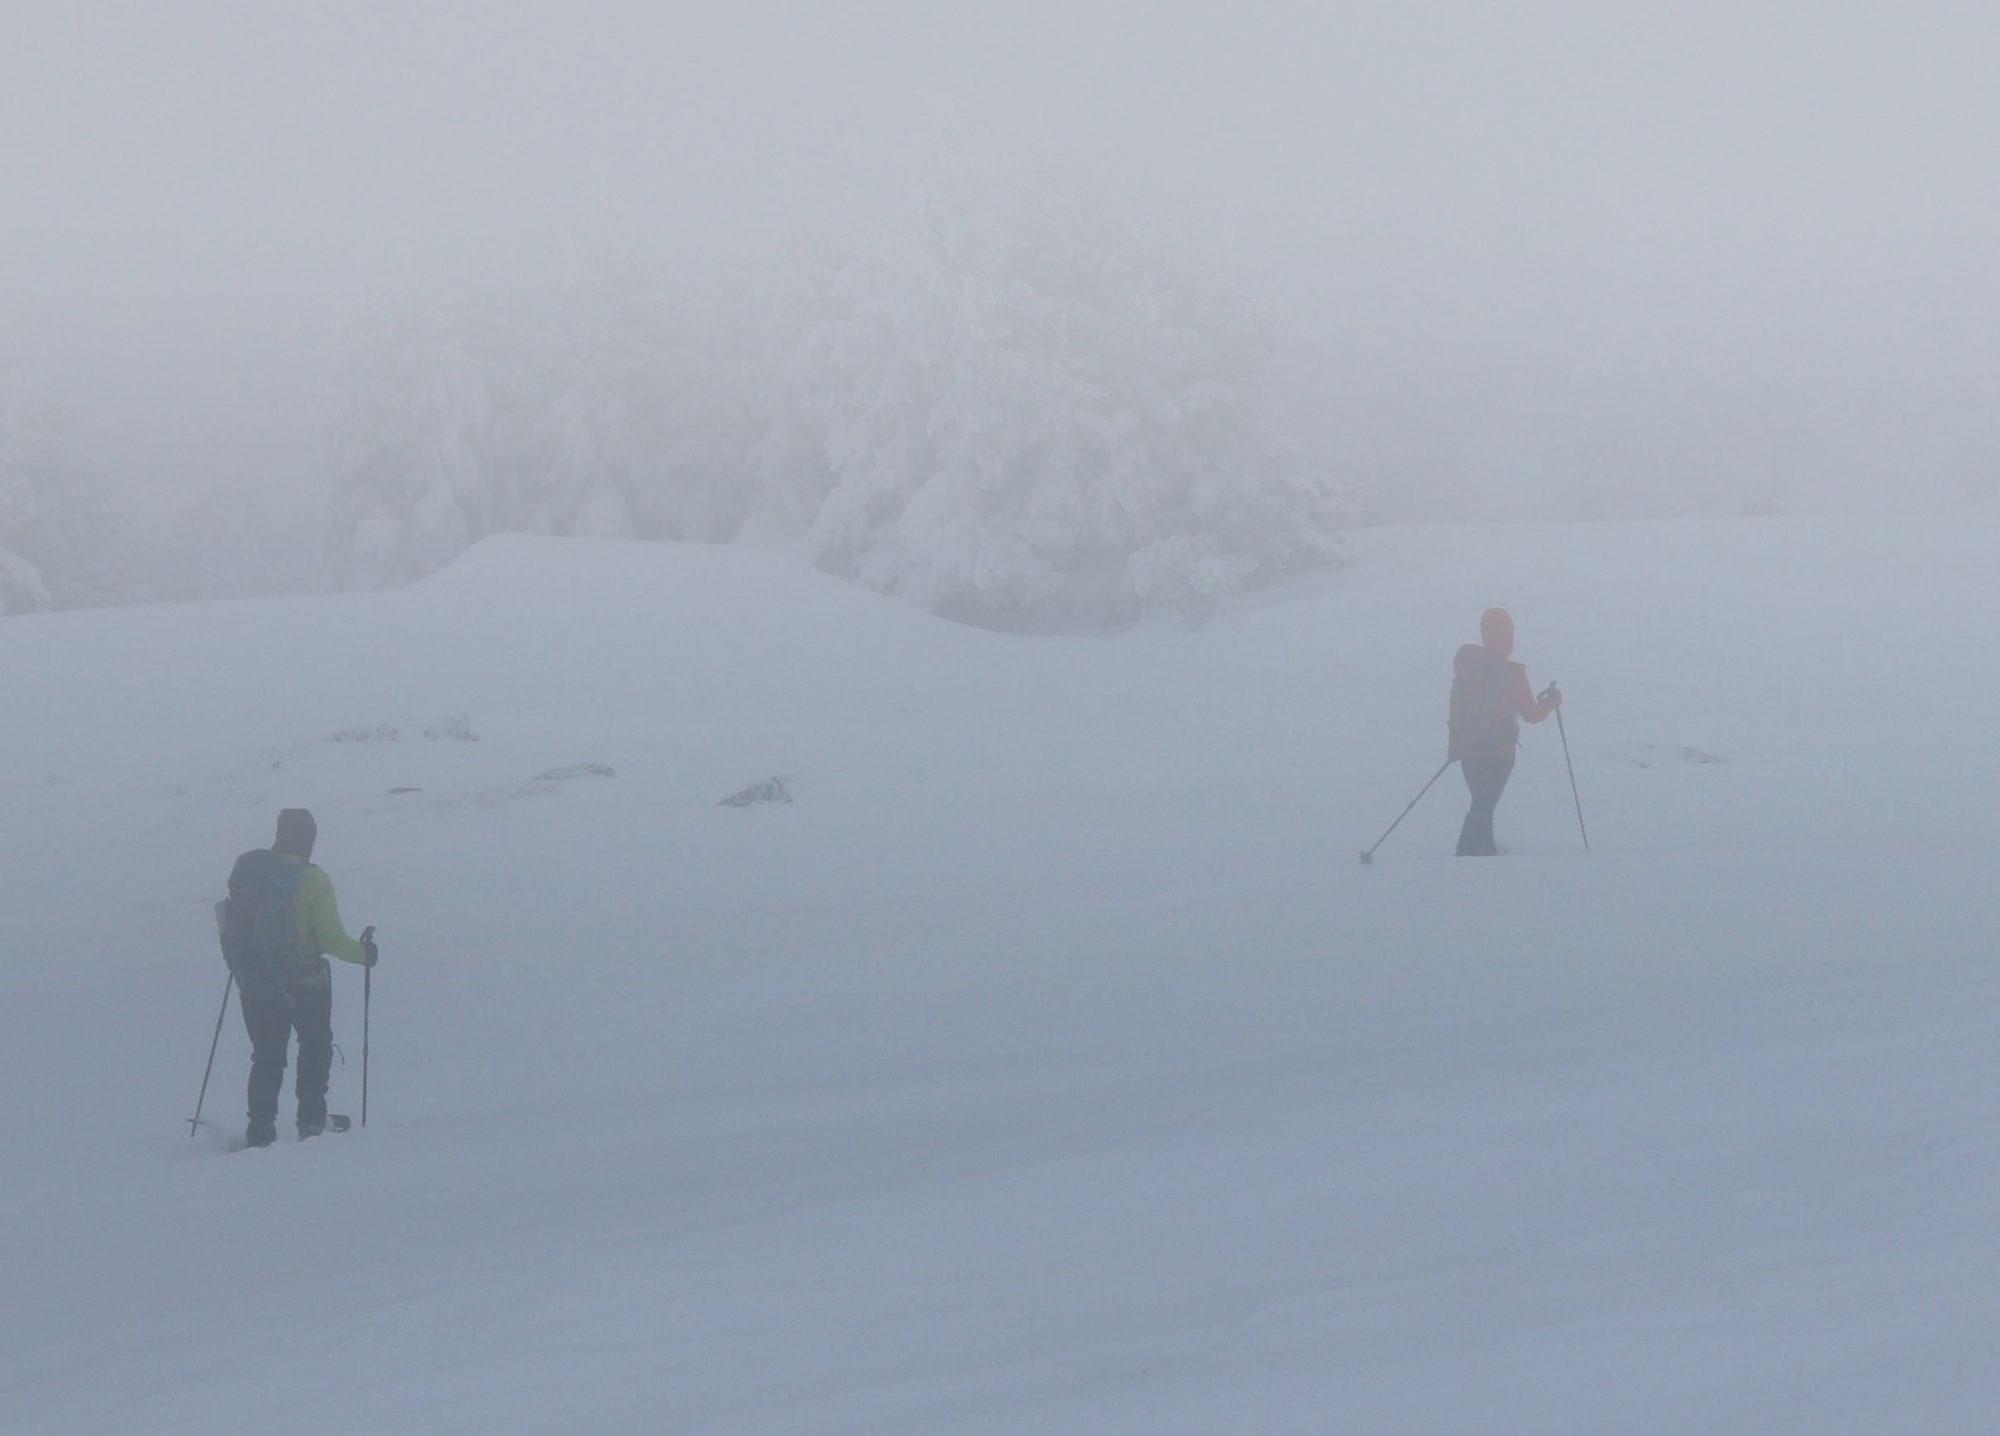 Schneeschuhwandern im Nebel